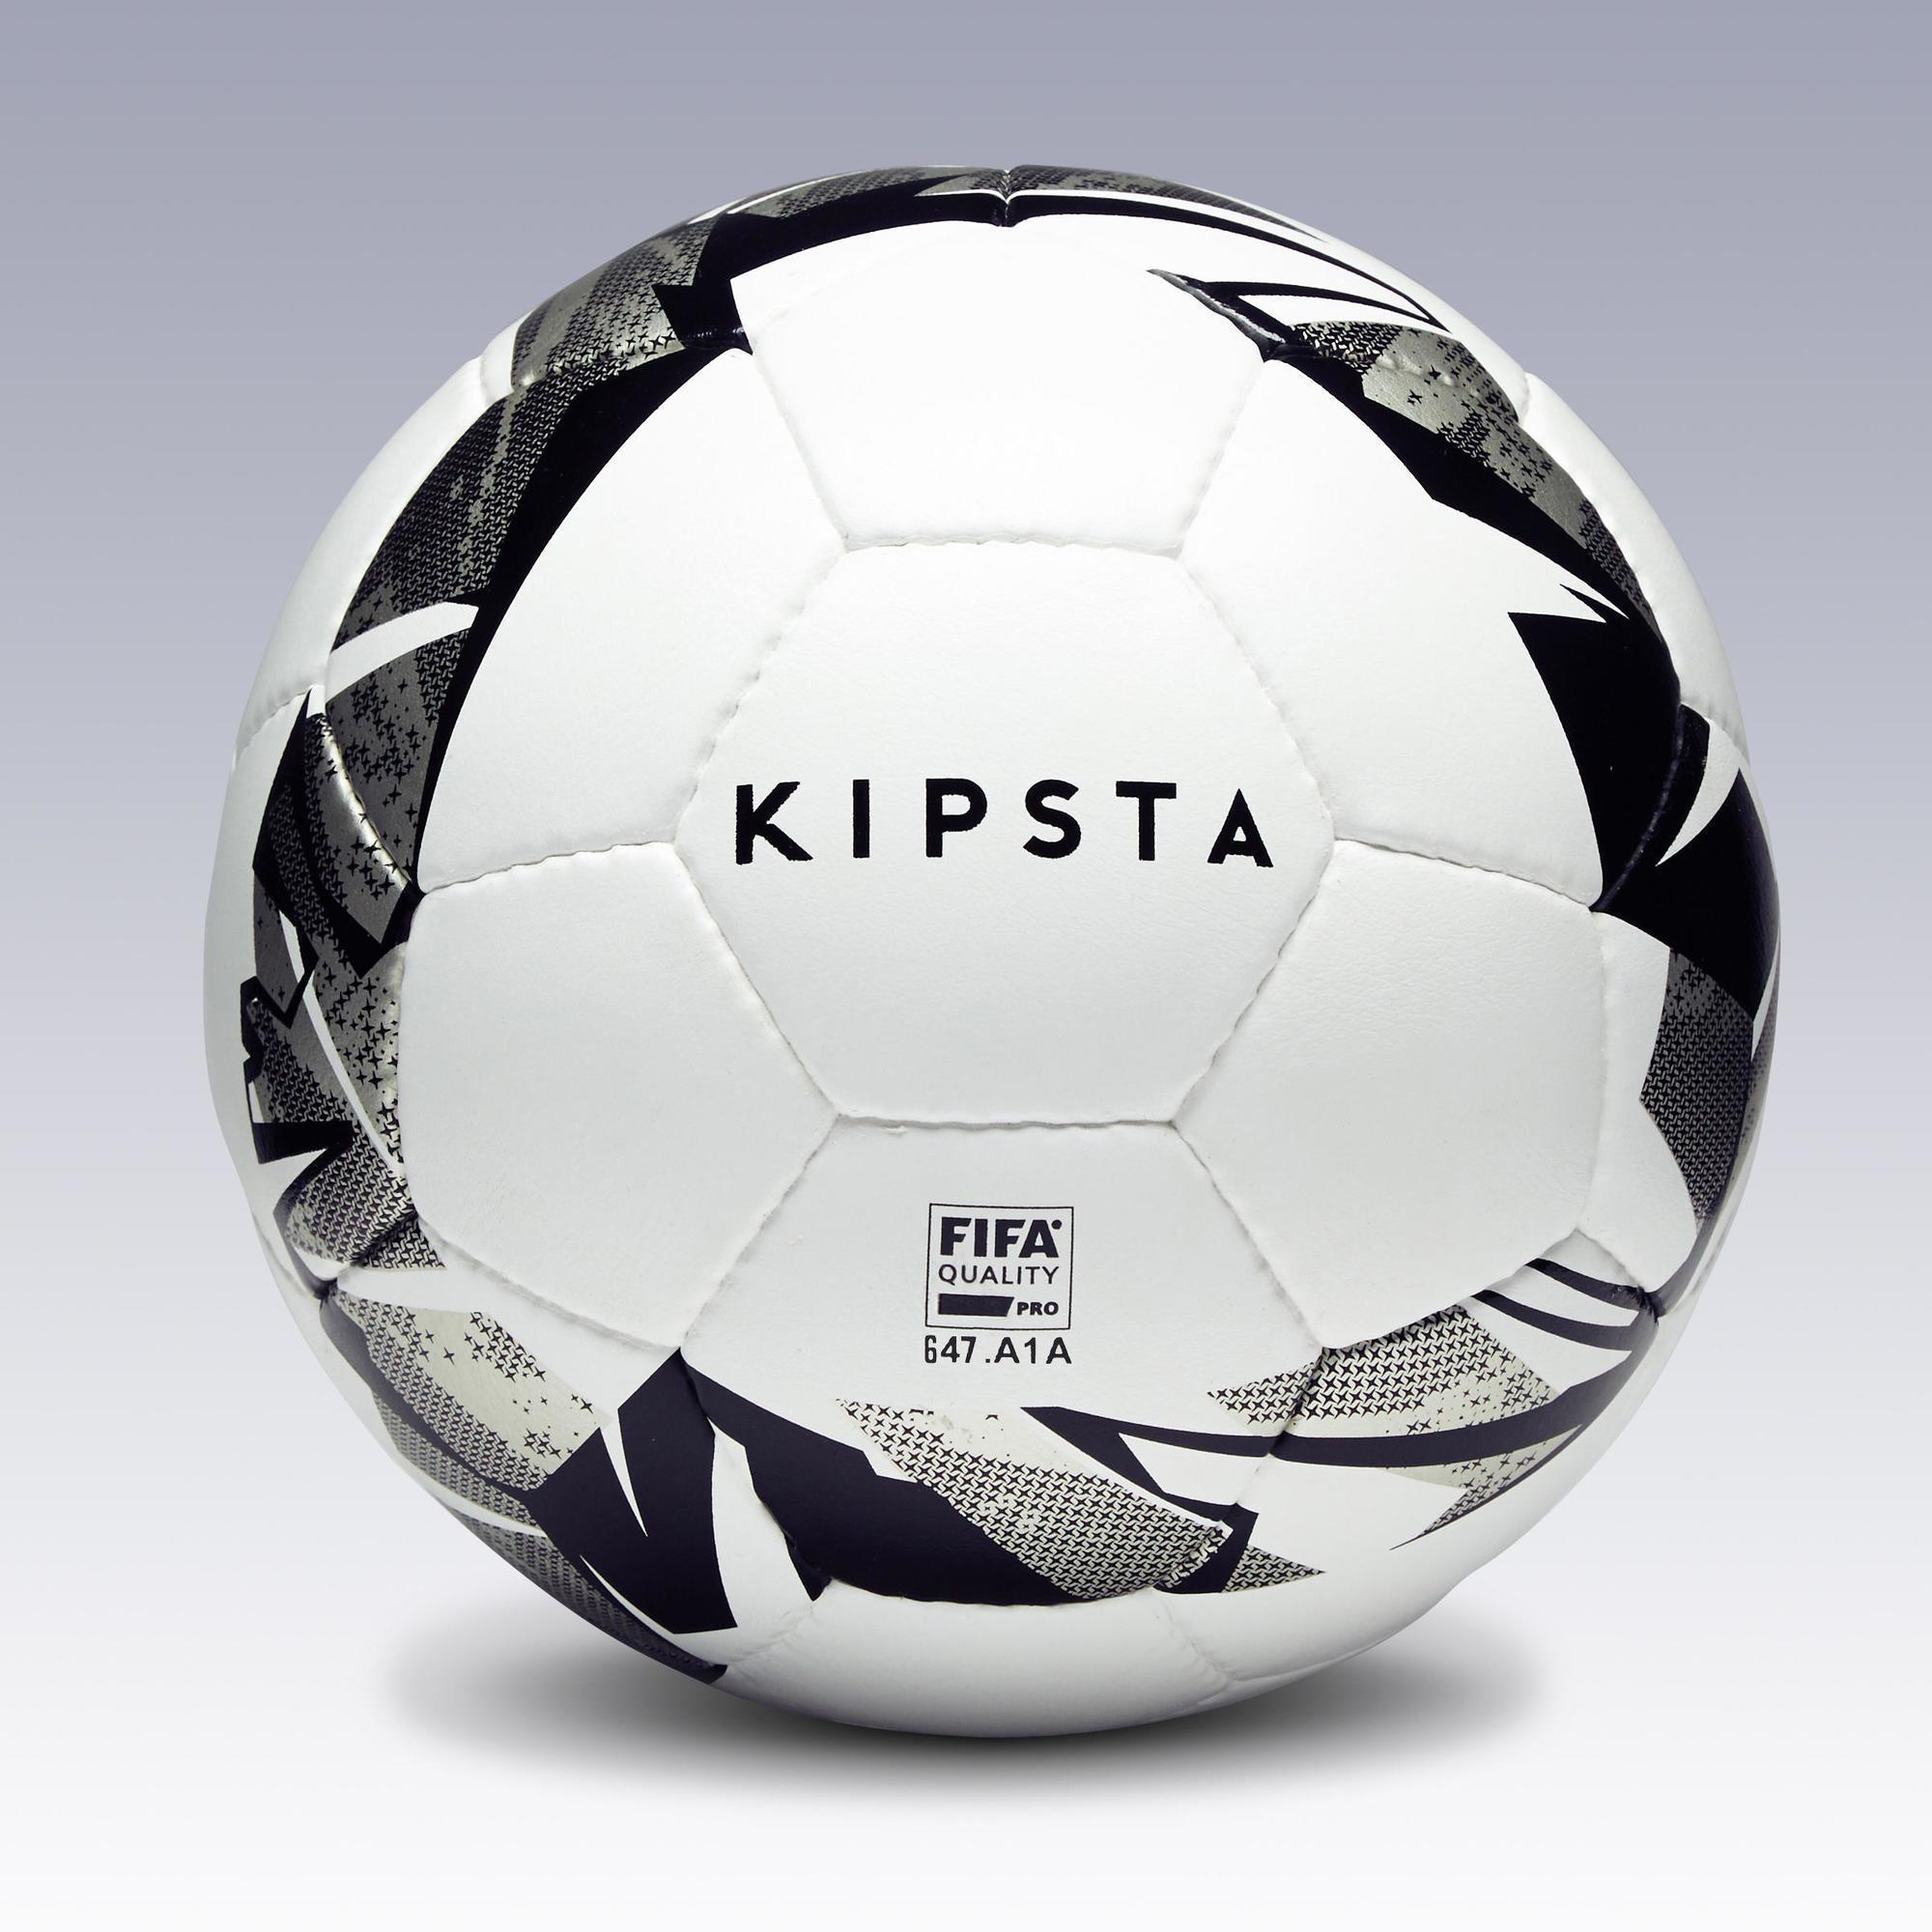 7b1b091be0f4a Balón de fútbol sala blanco gris kipsta decathlon jpg 700x700 Decathlon  caña alto taco fútbol